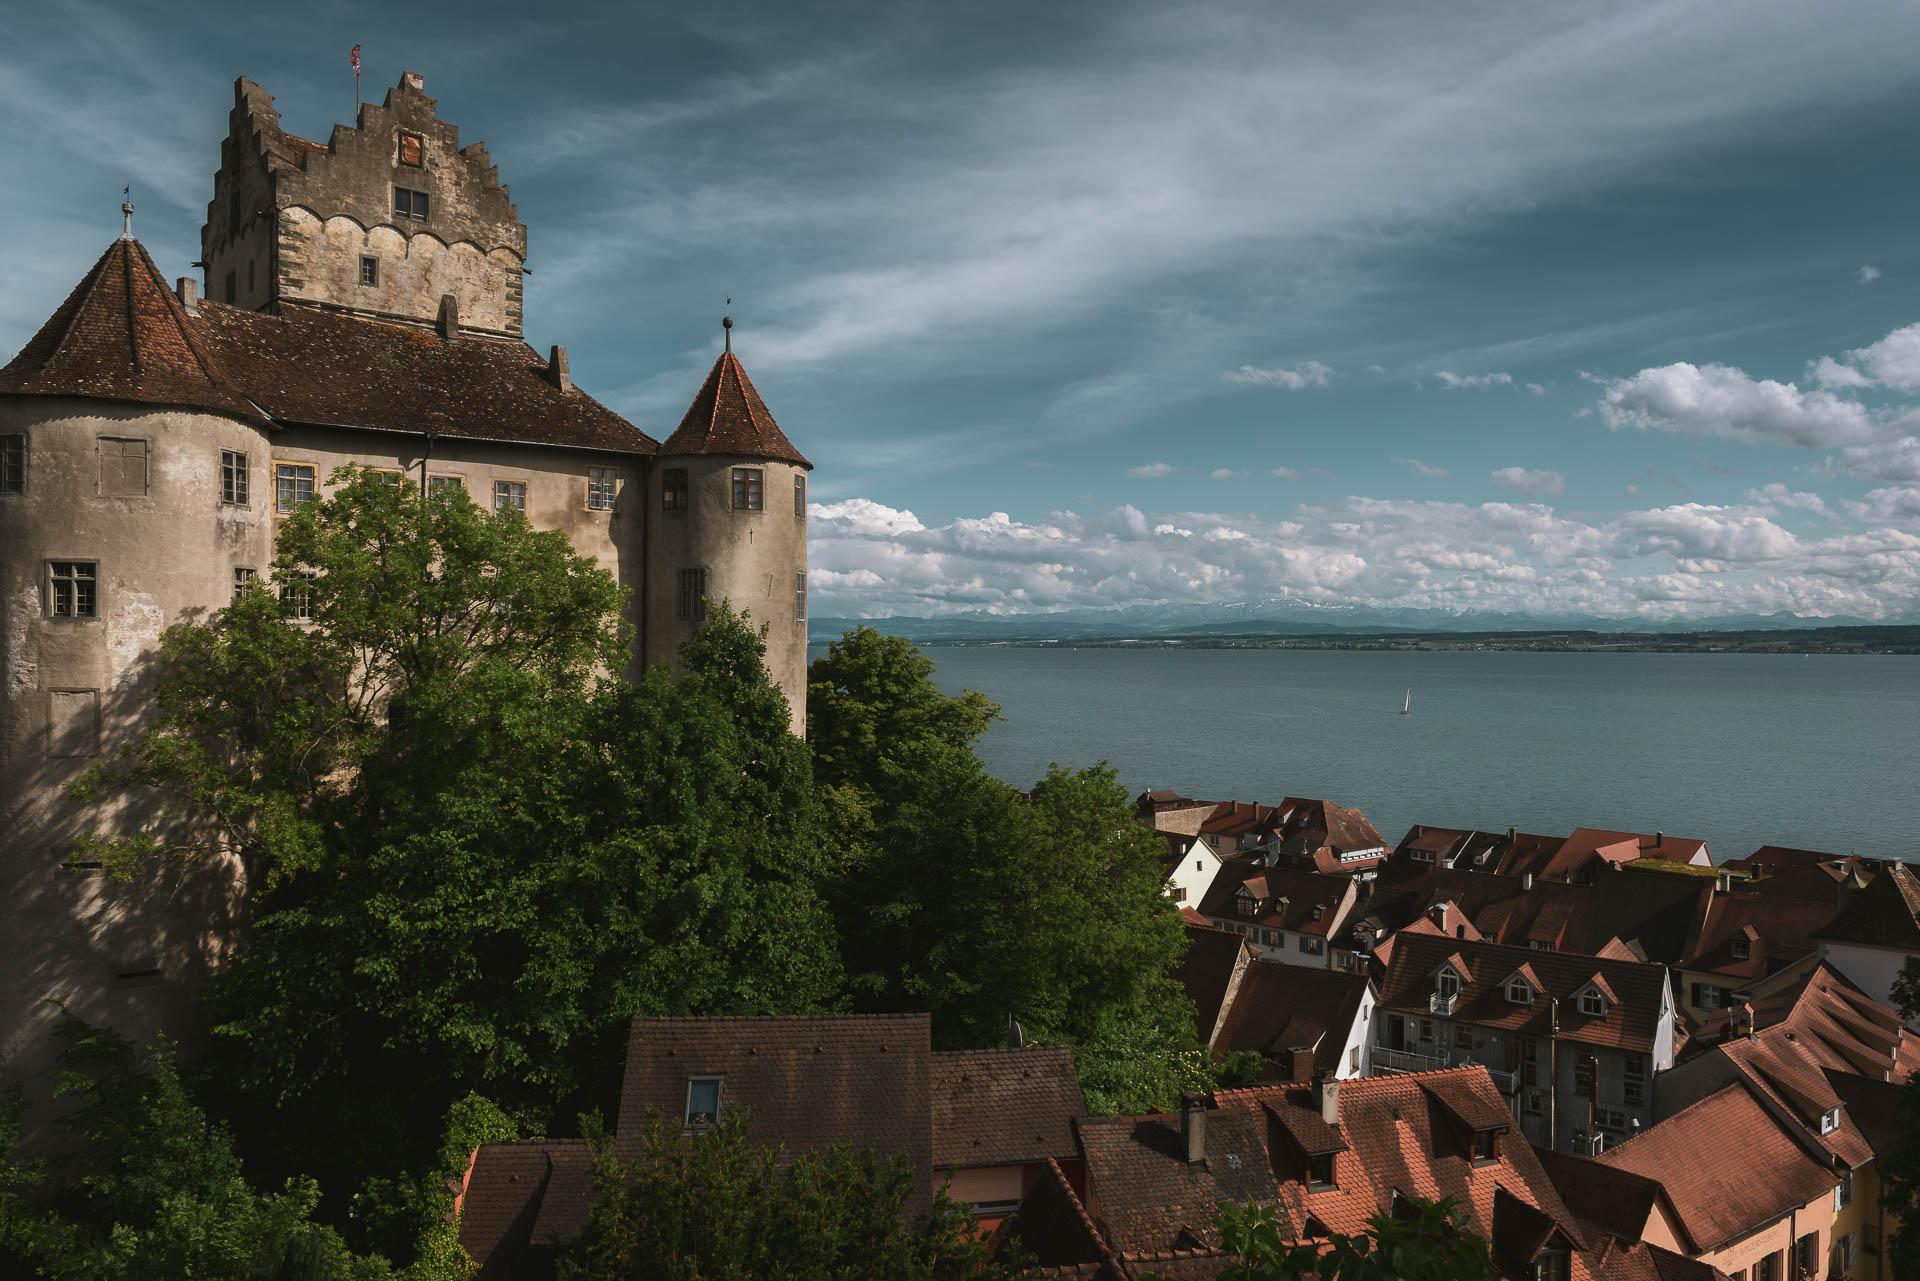 Die Burg in Meersburg